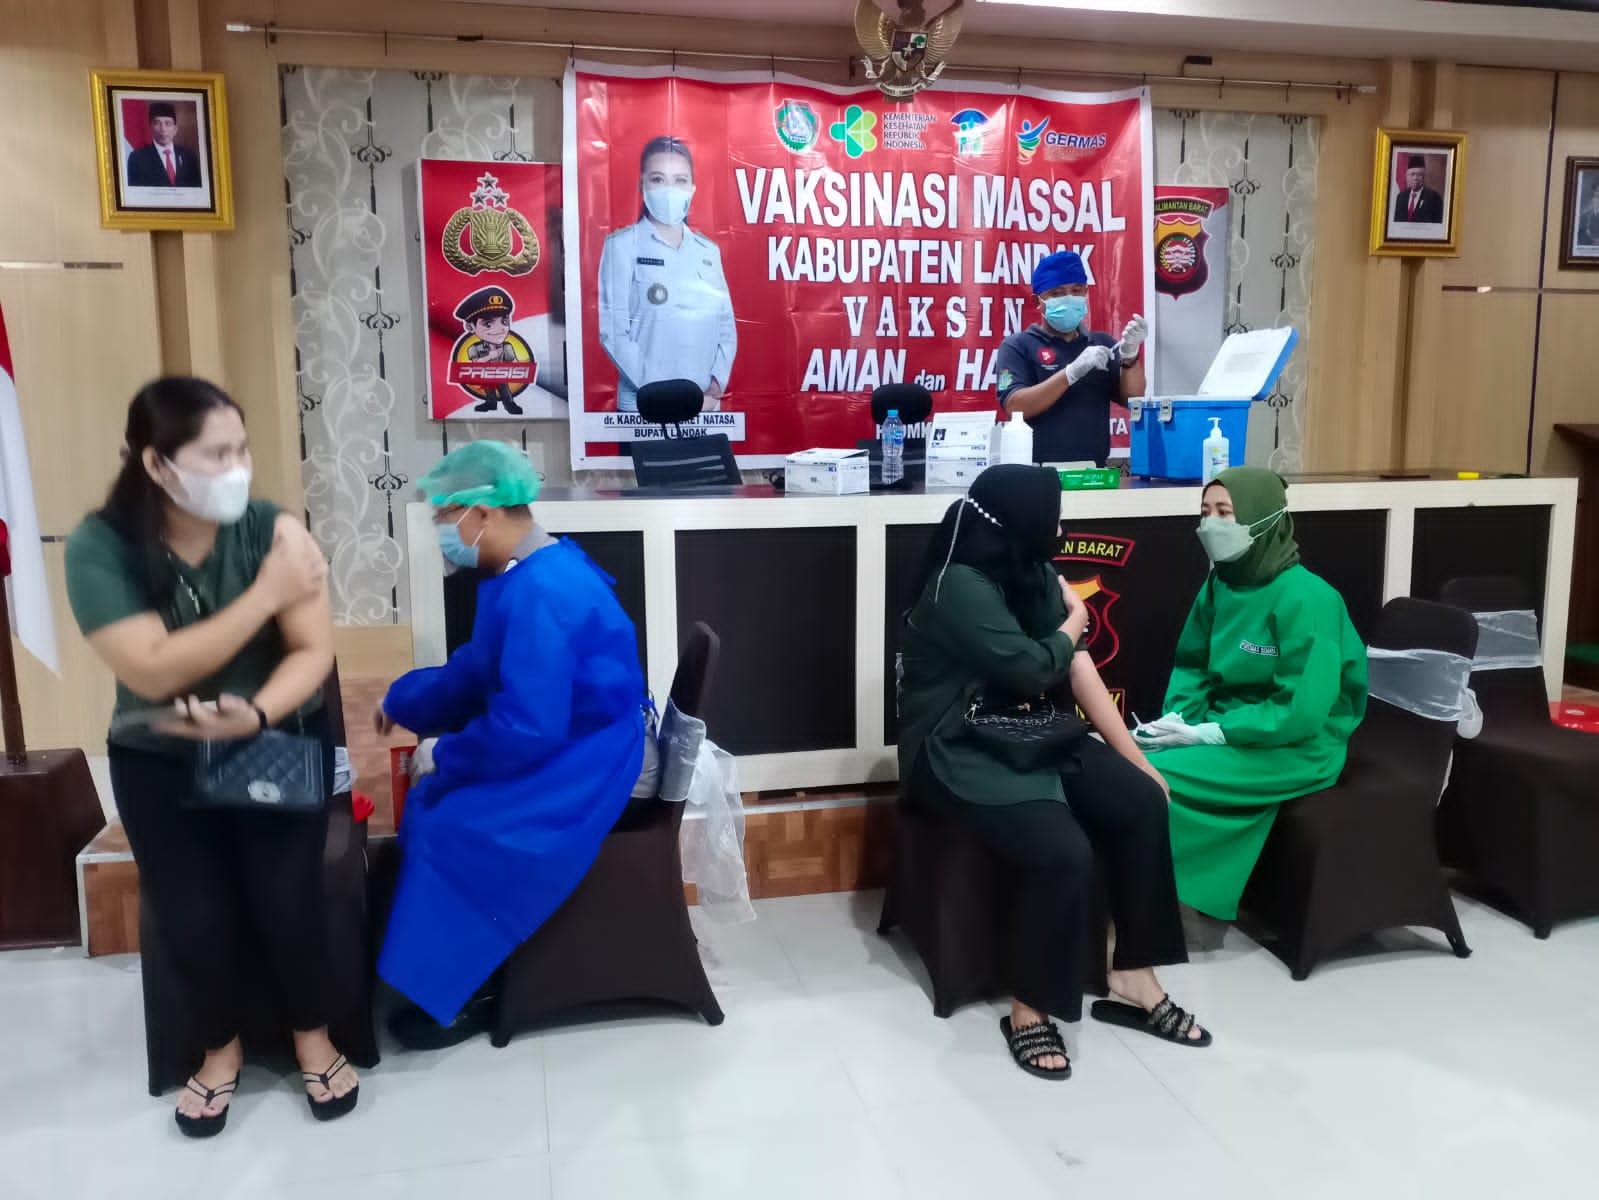 599 Orang Ikuti Vaksinasi Massal di Polres Landak